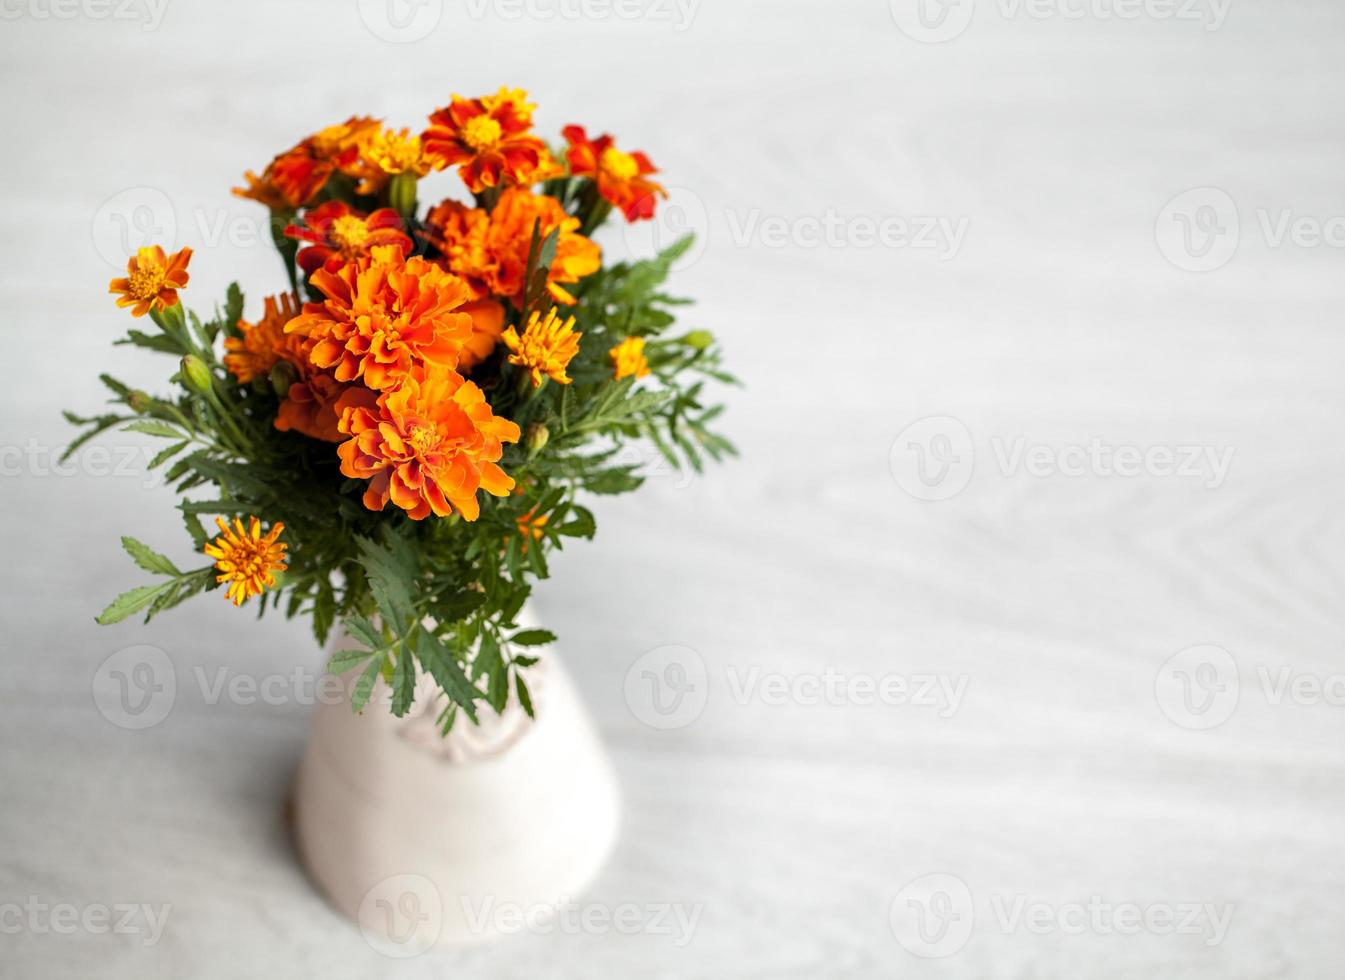 goudsbloemen bloemen in vaas op grijze achtergrond foto